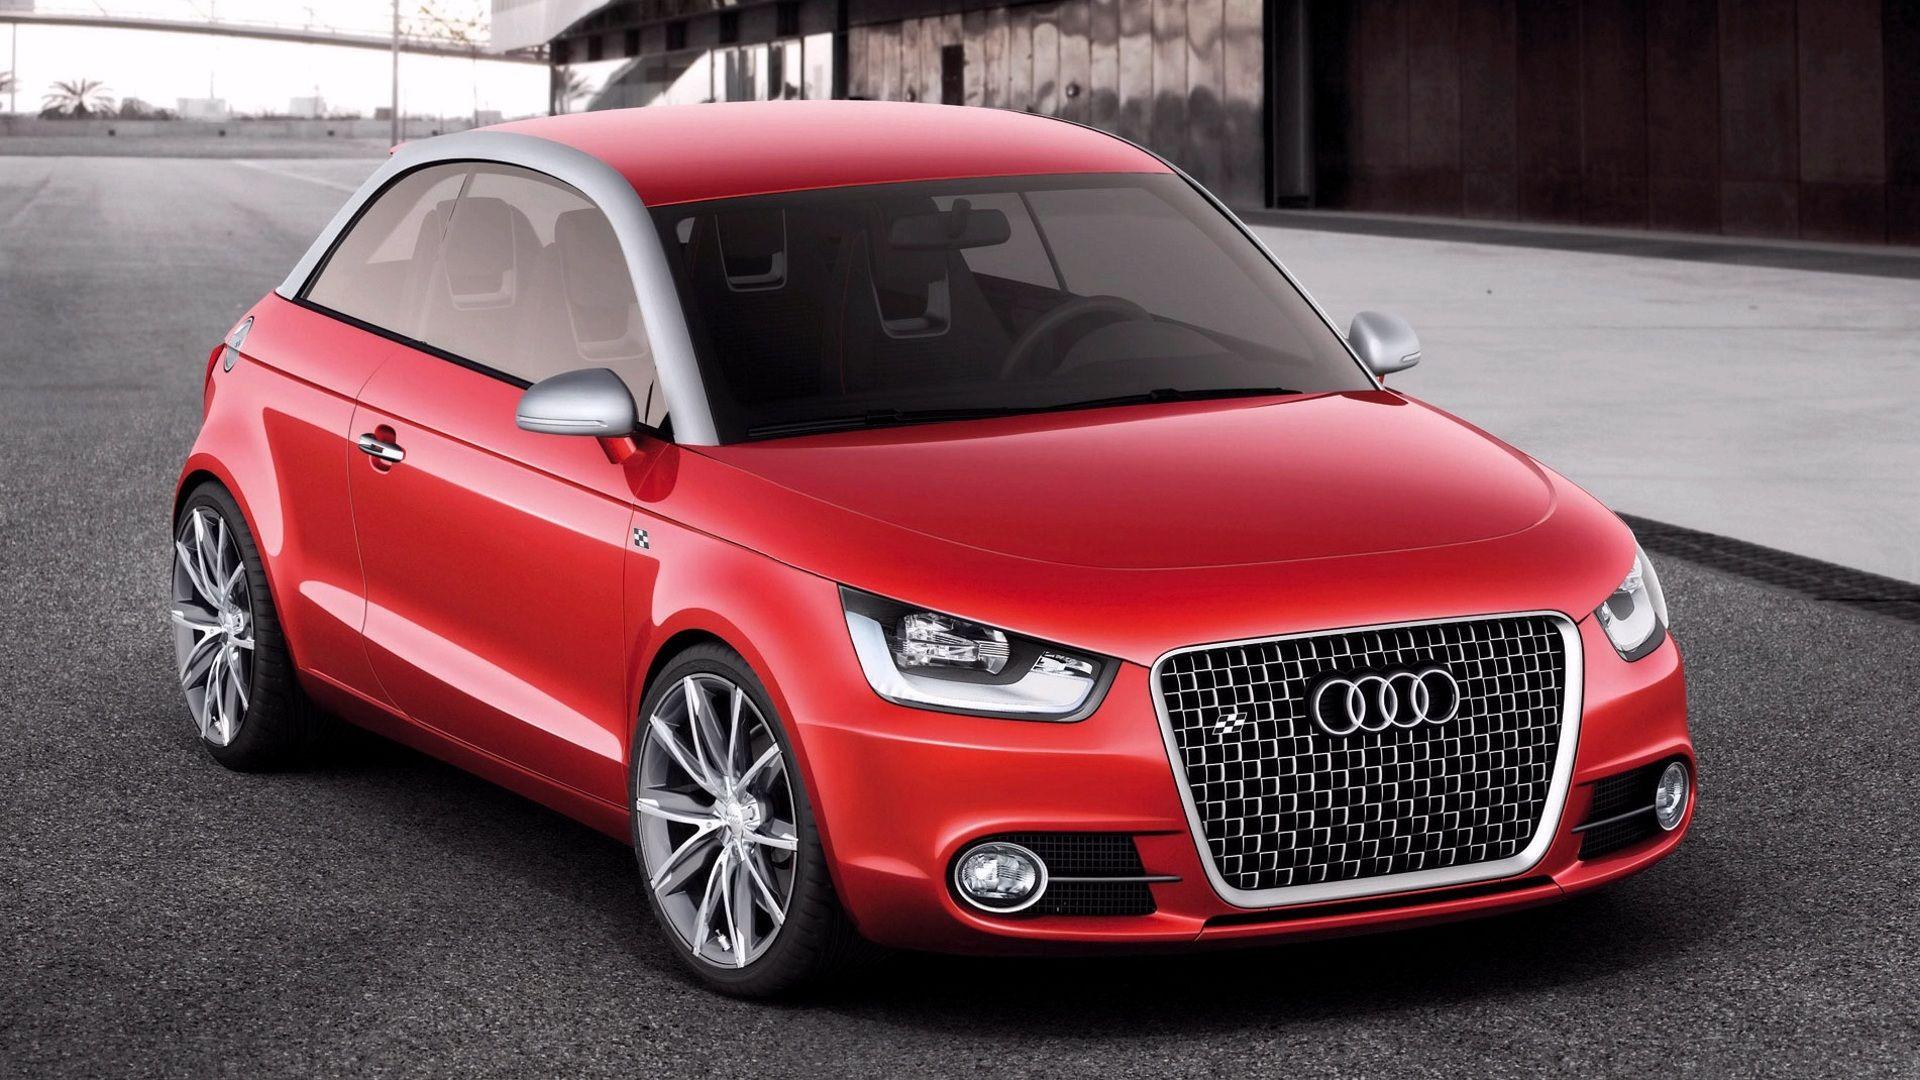 Test Po Teme Atmosfera 7 Klass Audi A1 Audi Car